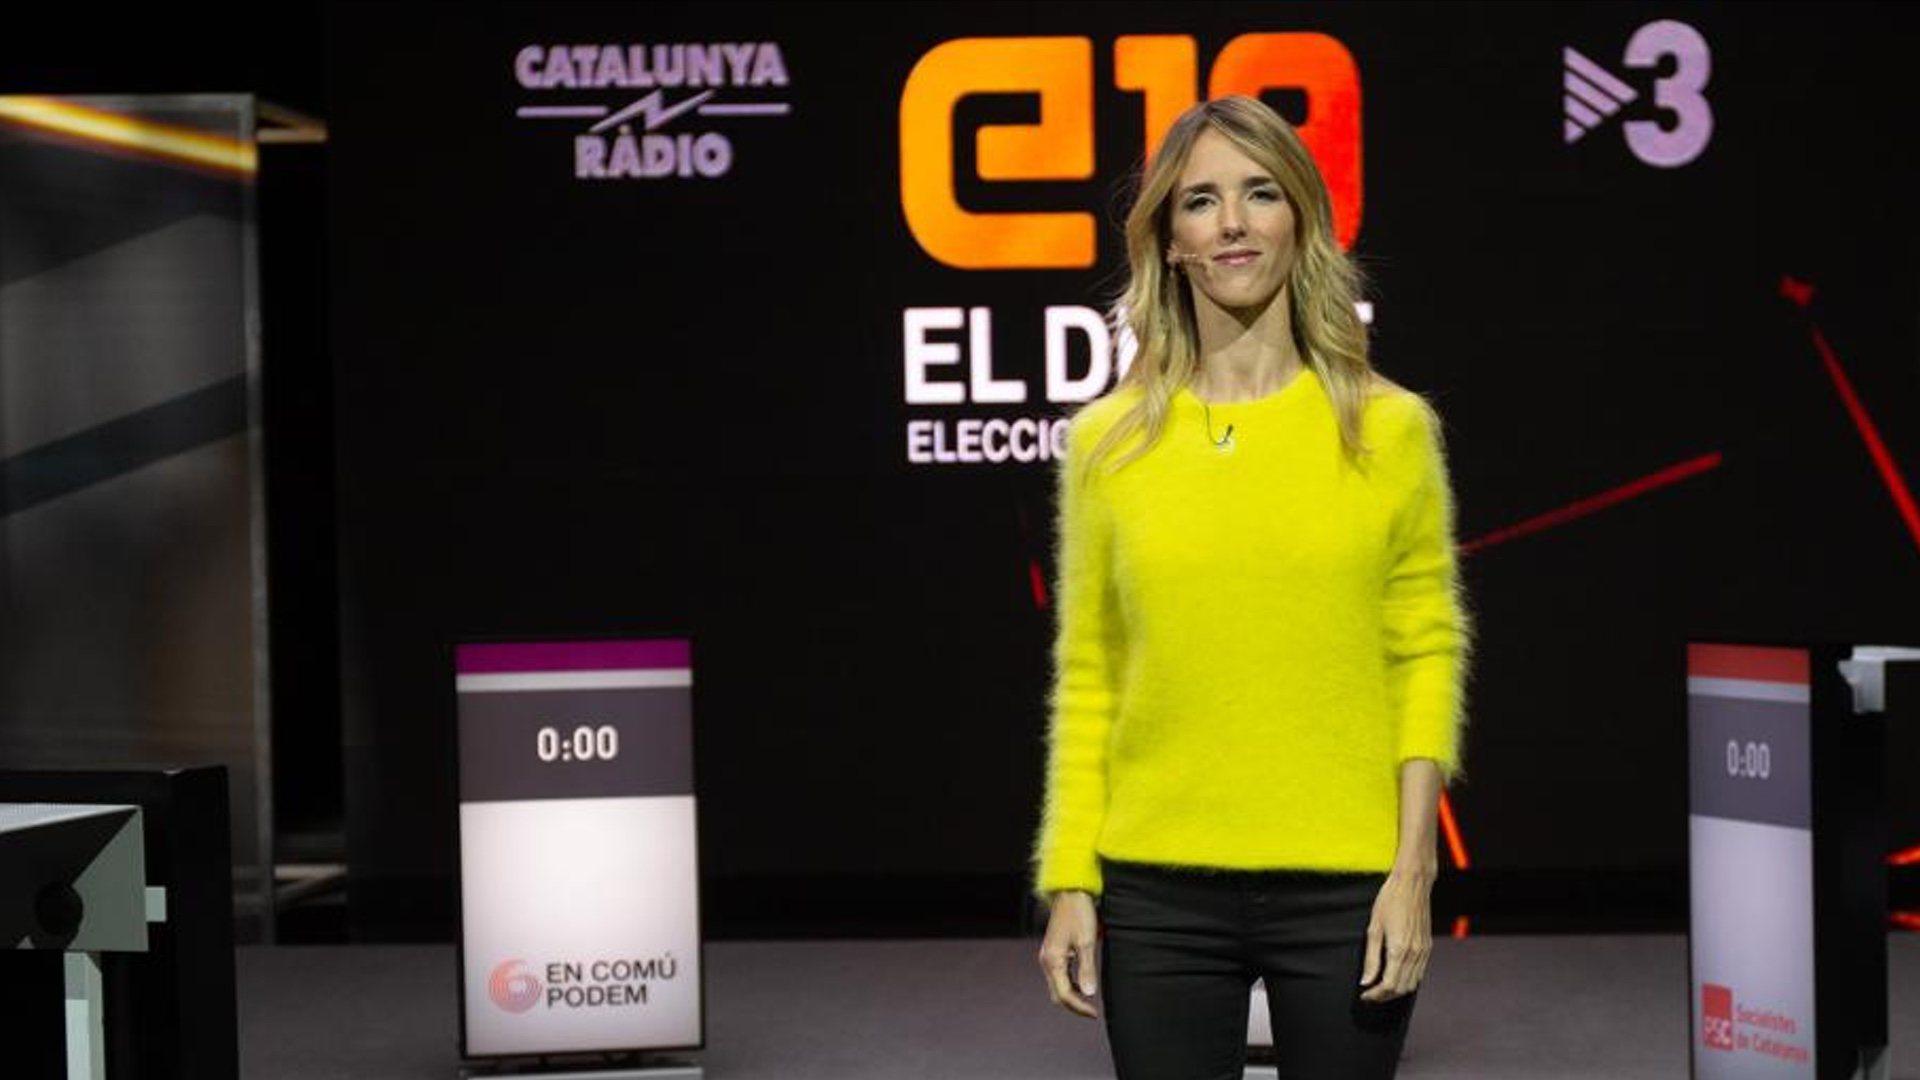 El PP se derrumba en Cataluña (pasa de seis a un escaño) y Cayetana Álvarez de Toledo ve peligrar su escaño con un 26% escrutado